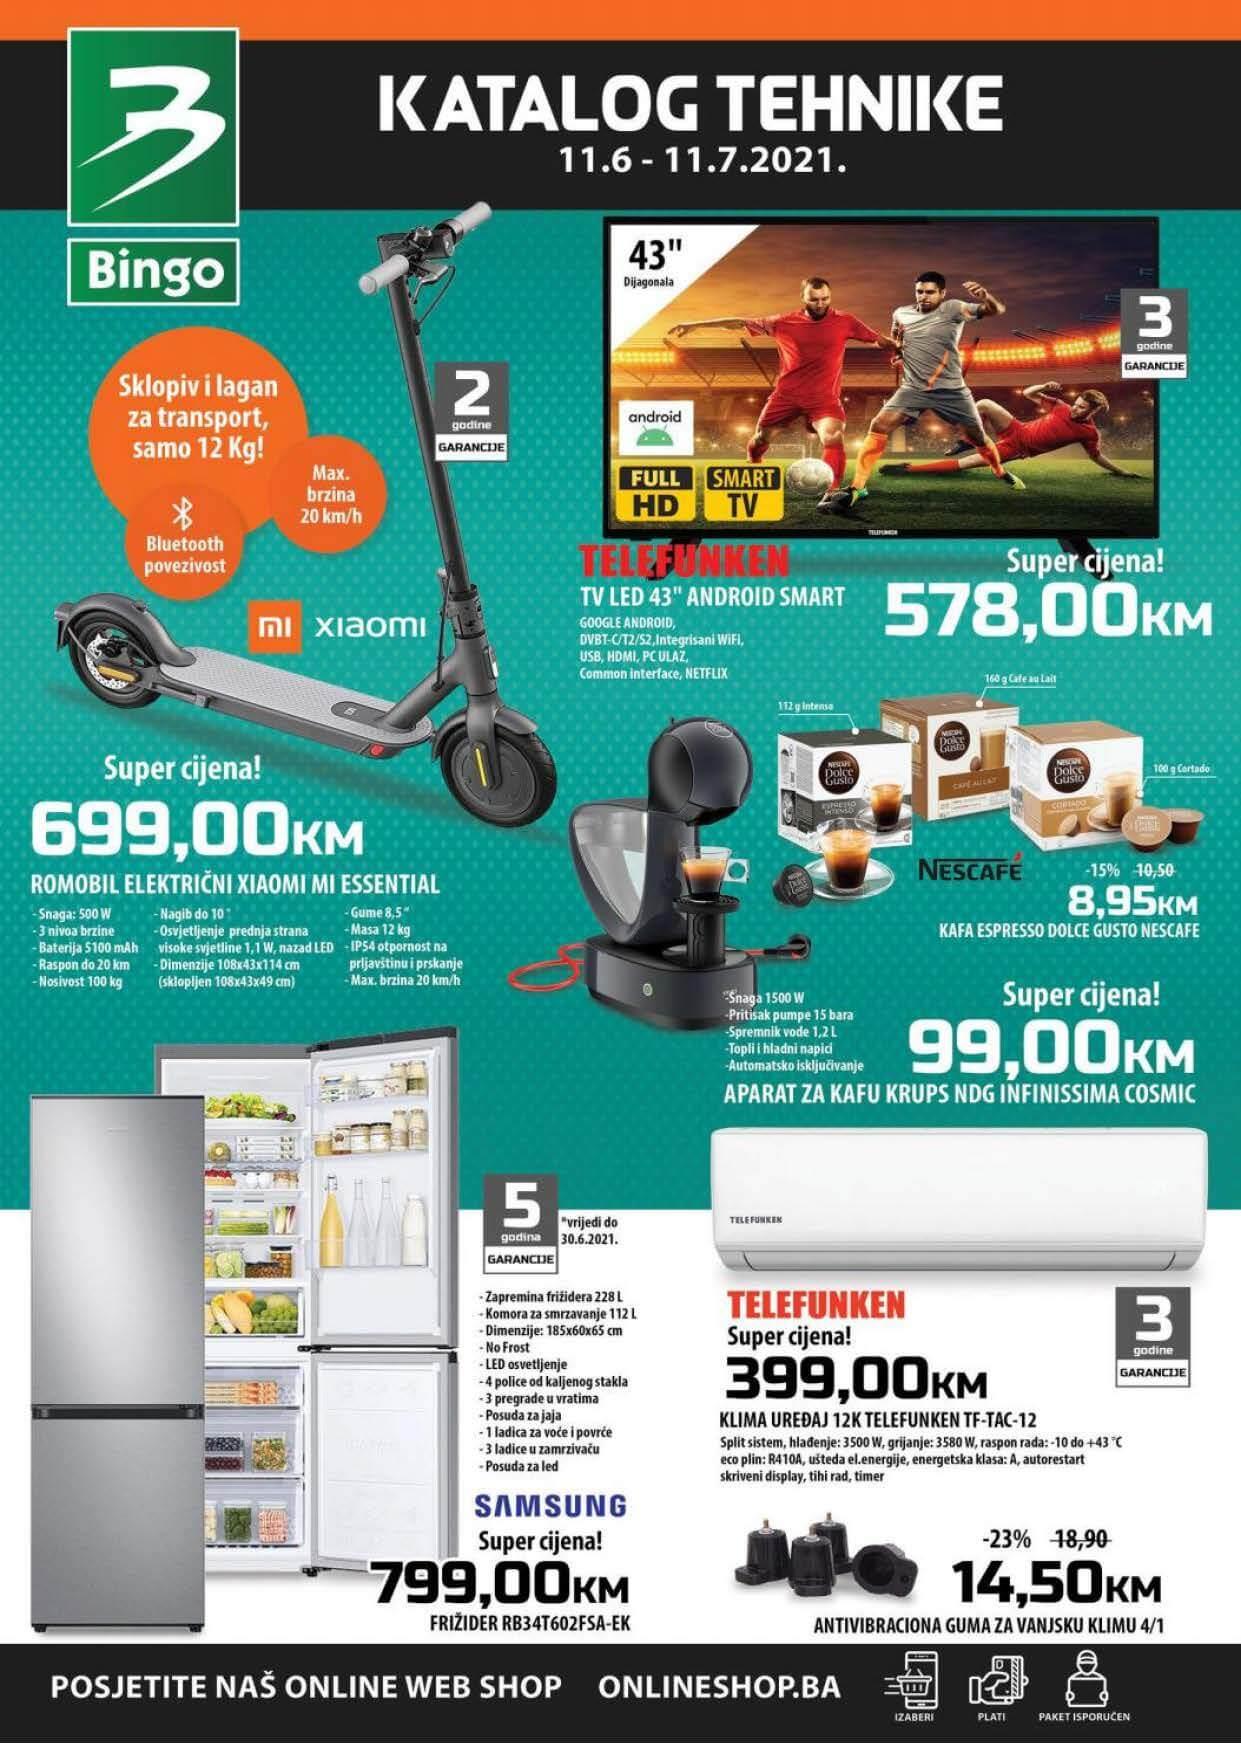 BINGO Katalog Katalog tehnike JUN i JUL 2021 11.6. 11.7. eKatalozi.com PR Page 1